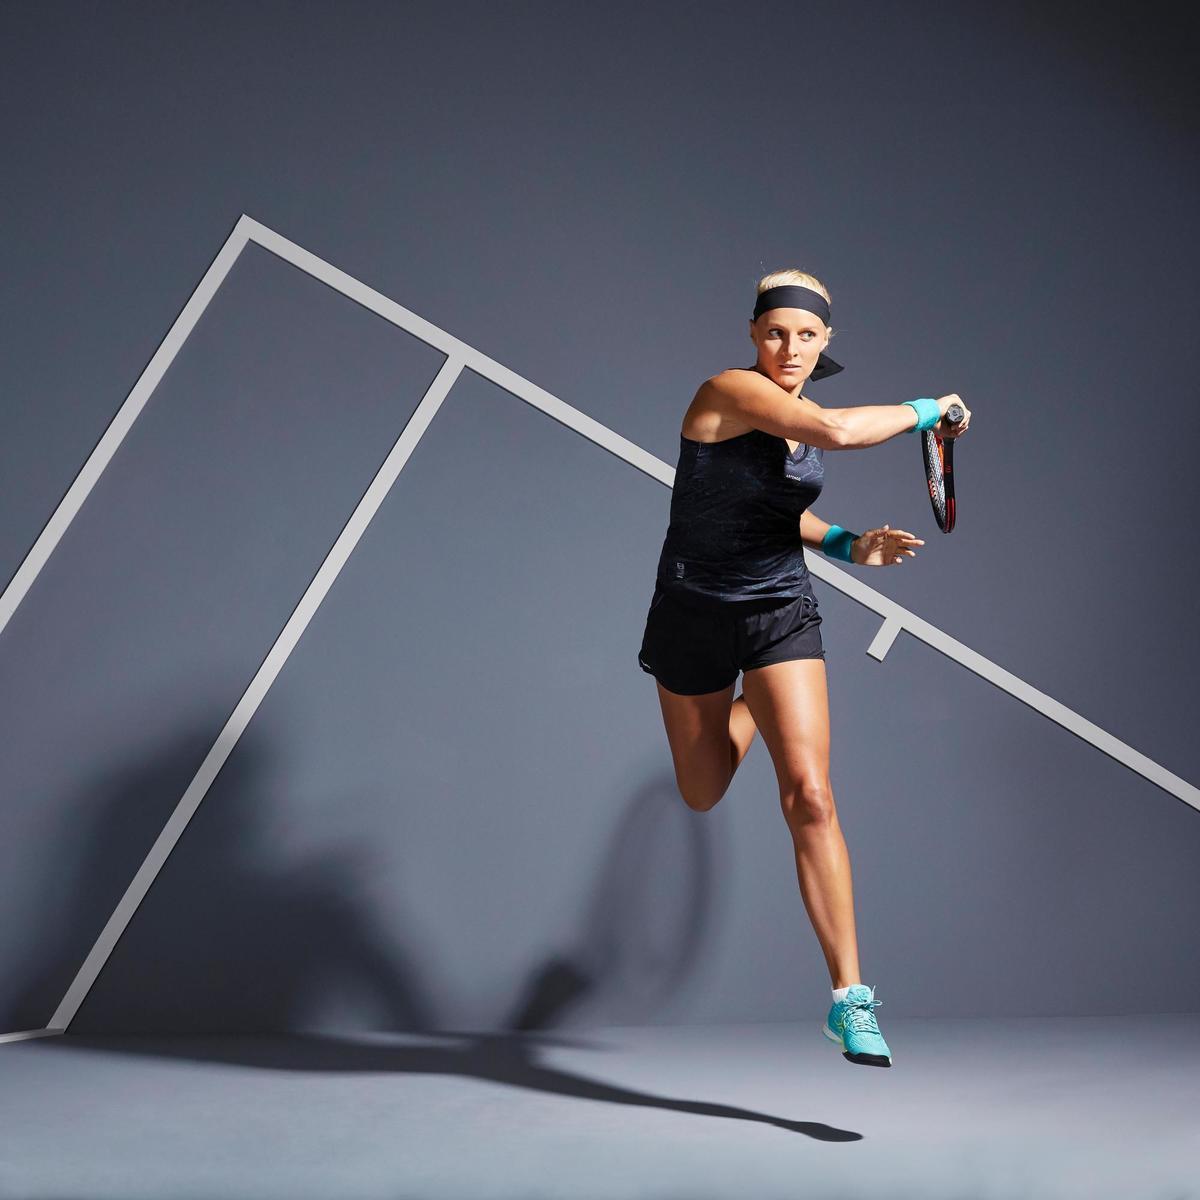 Bild 2 von Tennis-Top TK Light 900 Damen schwarz